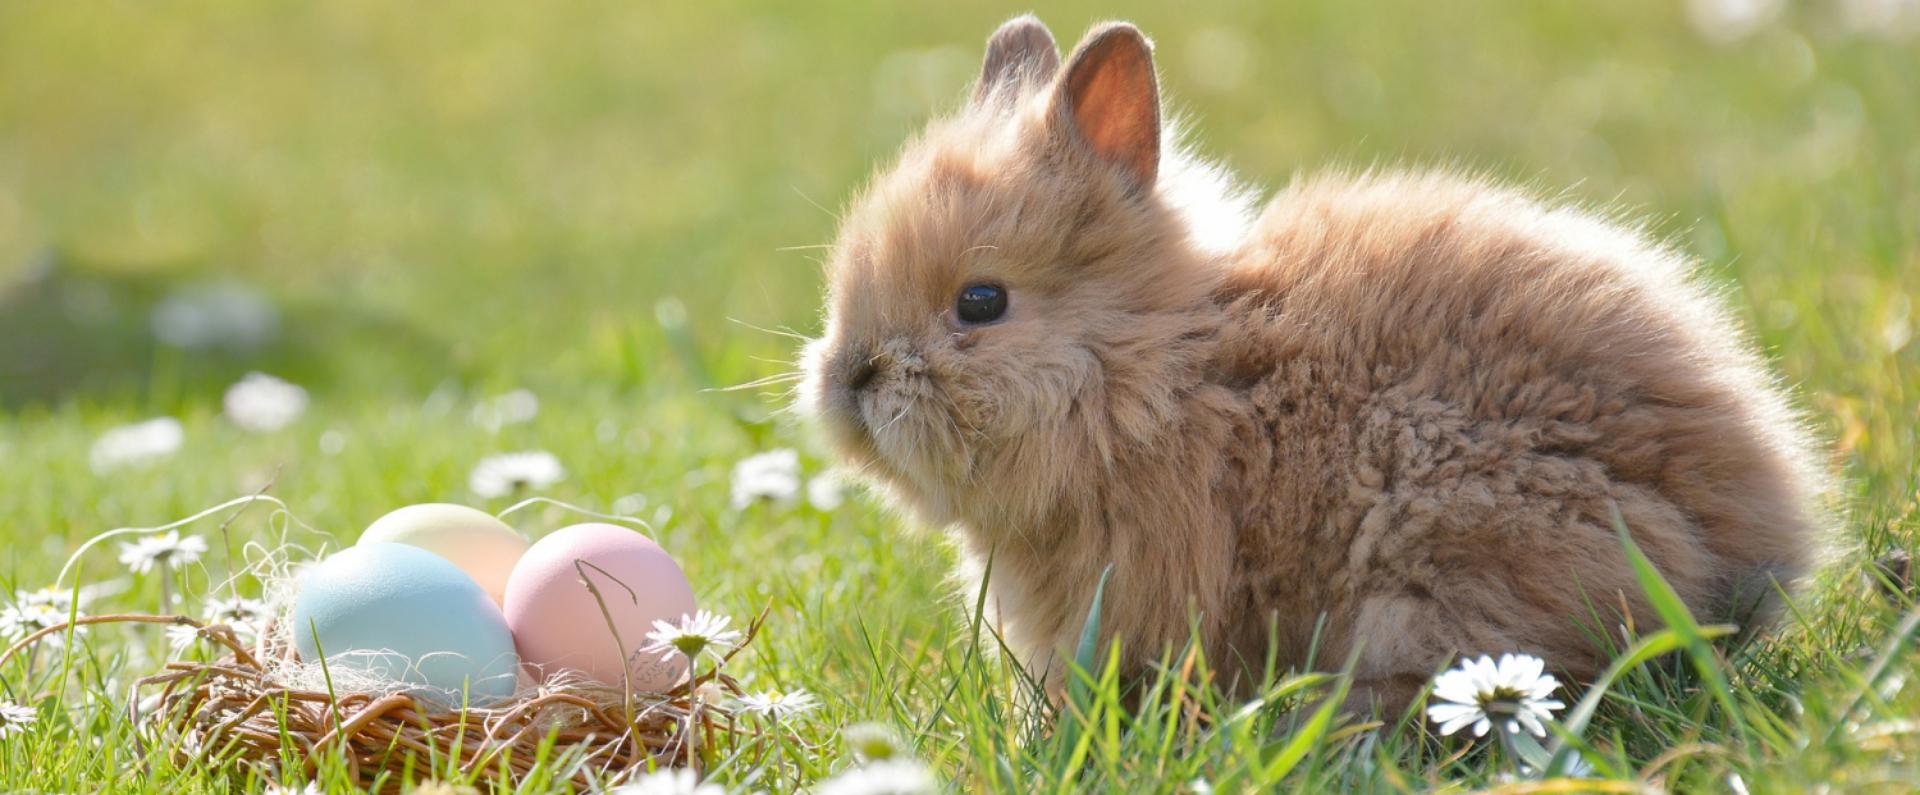 nie rezygnuj z dieta w święta - lekkostrawna Wielkanoc jest możliwa